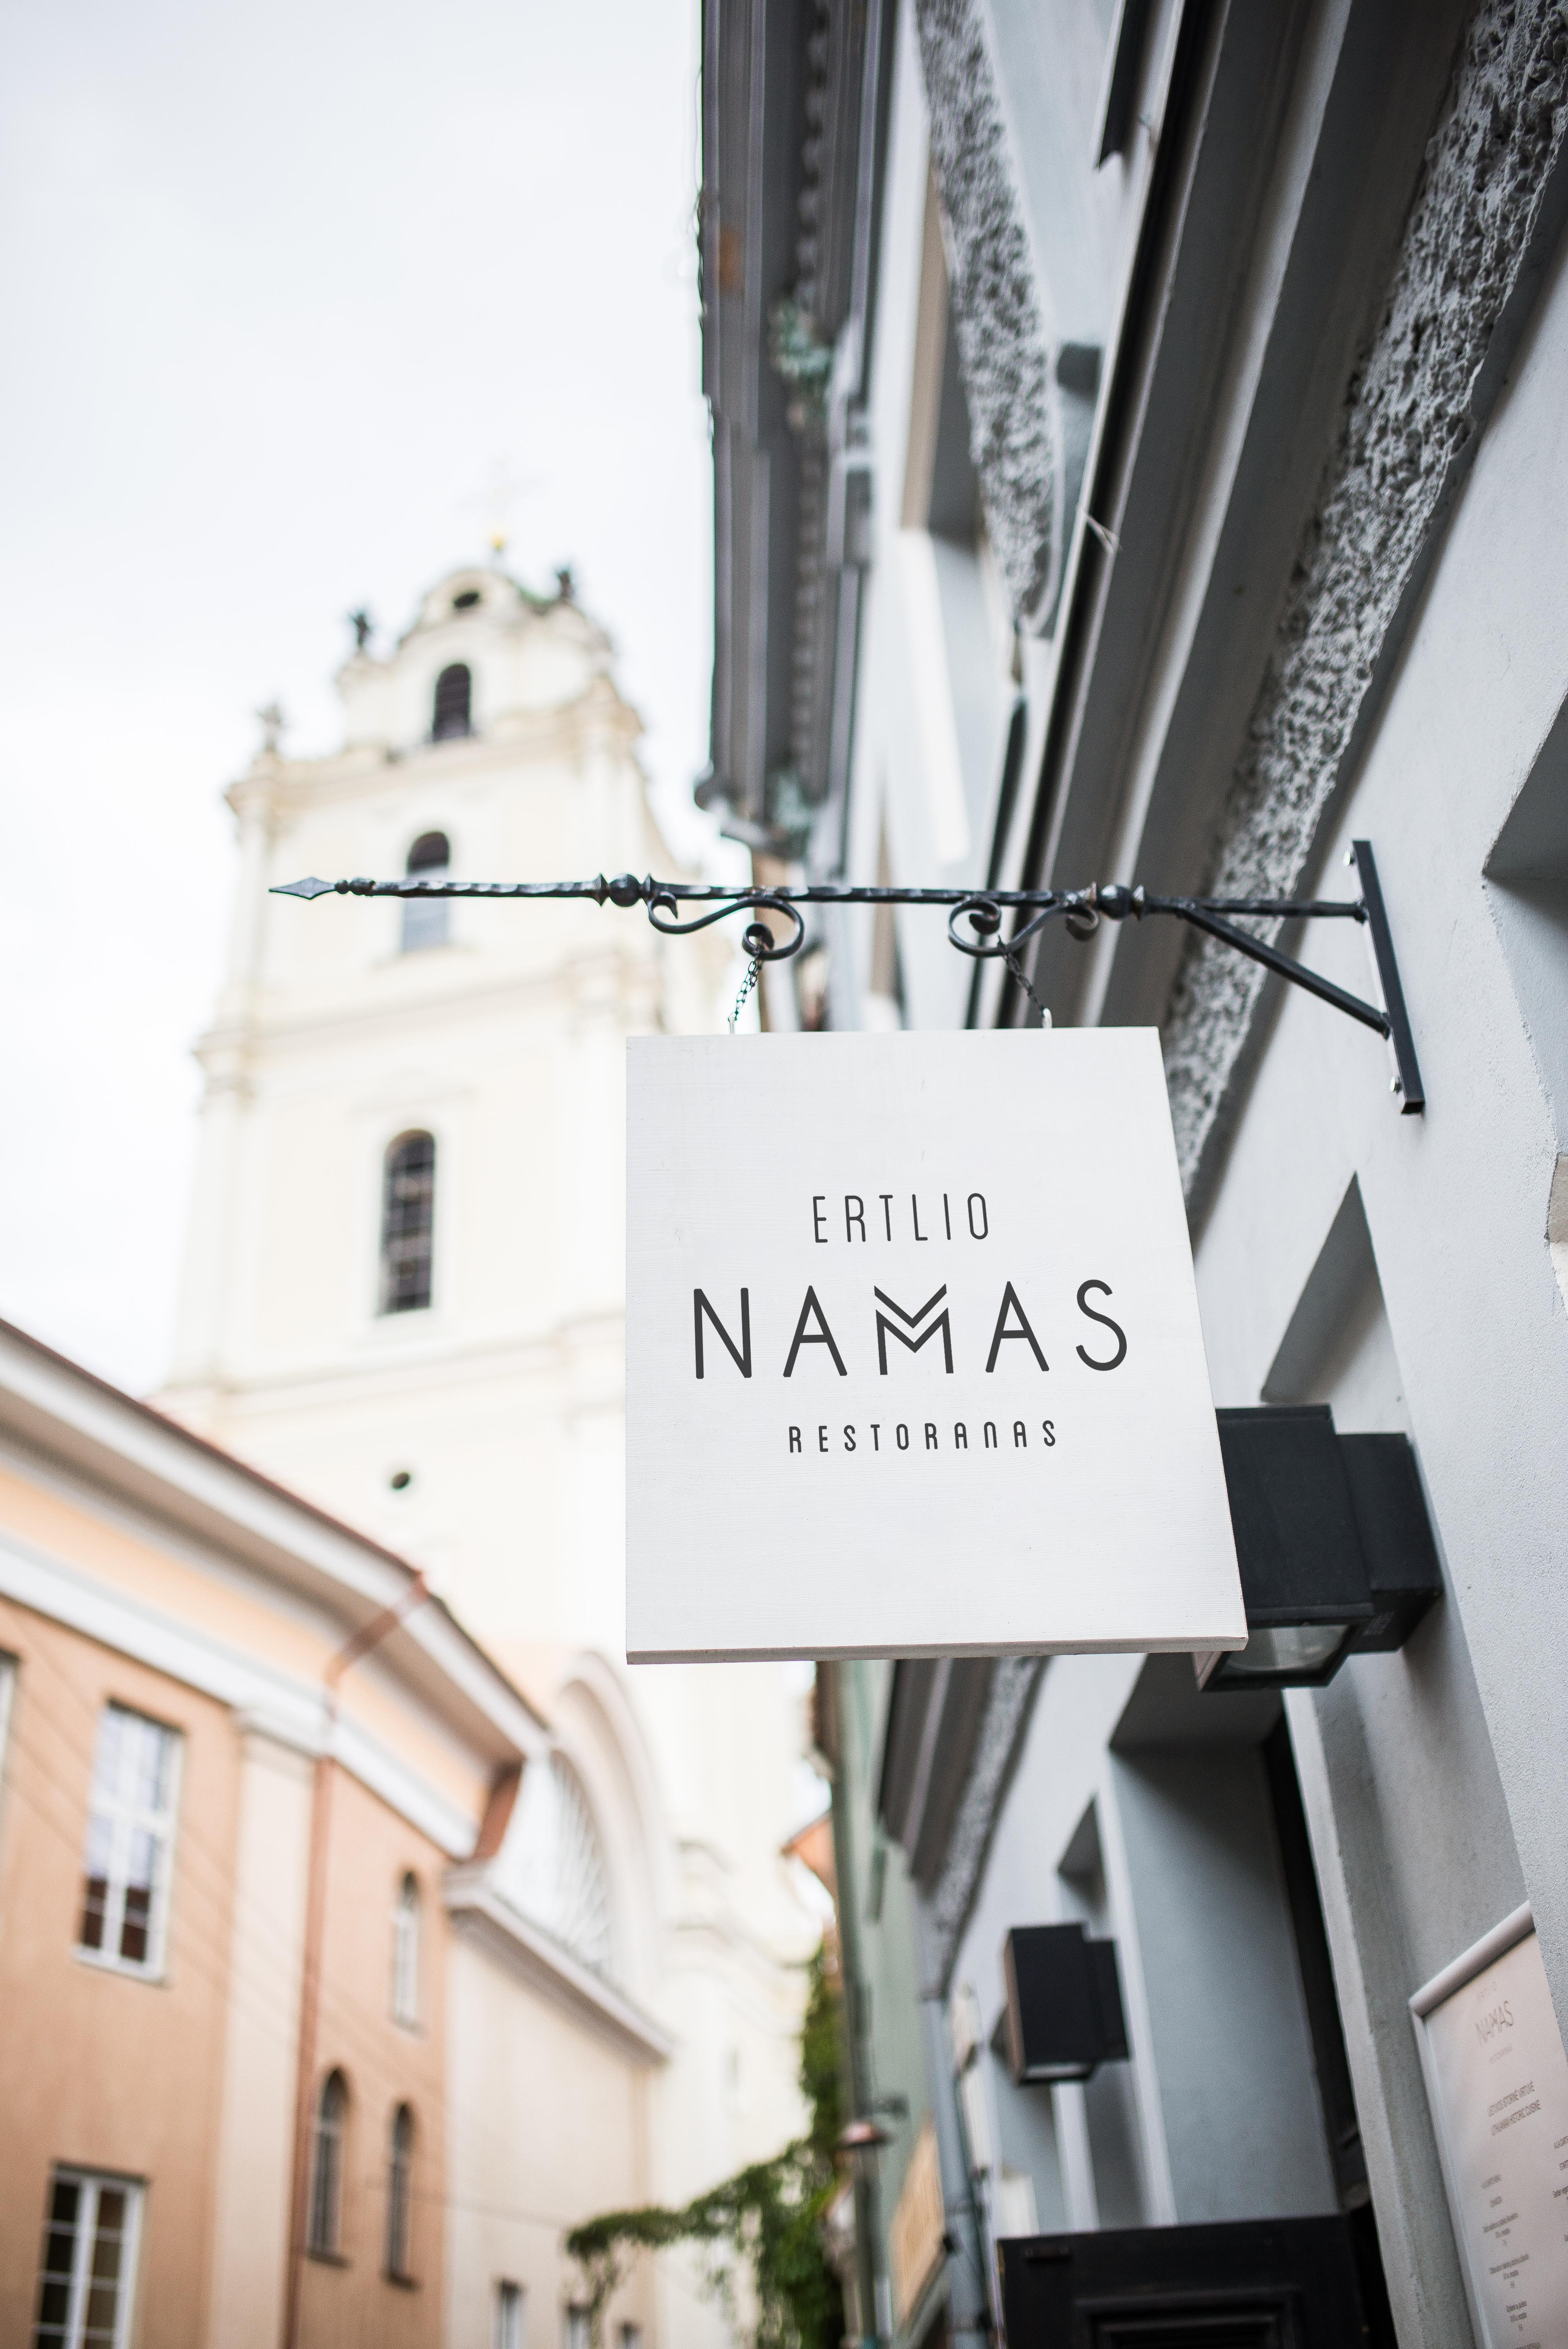 Restoranas Ertlio Namas